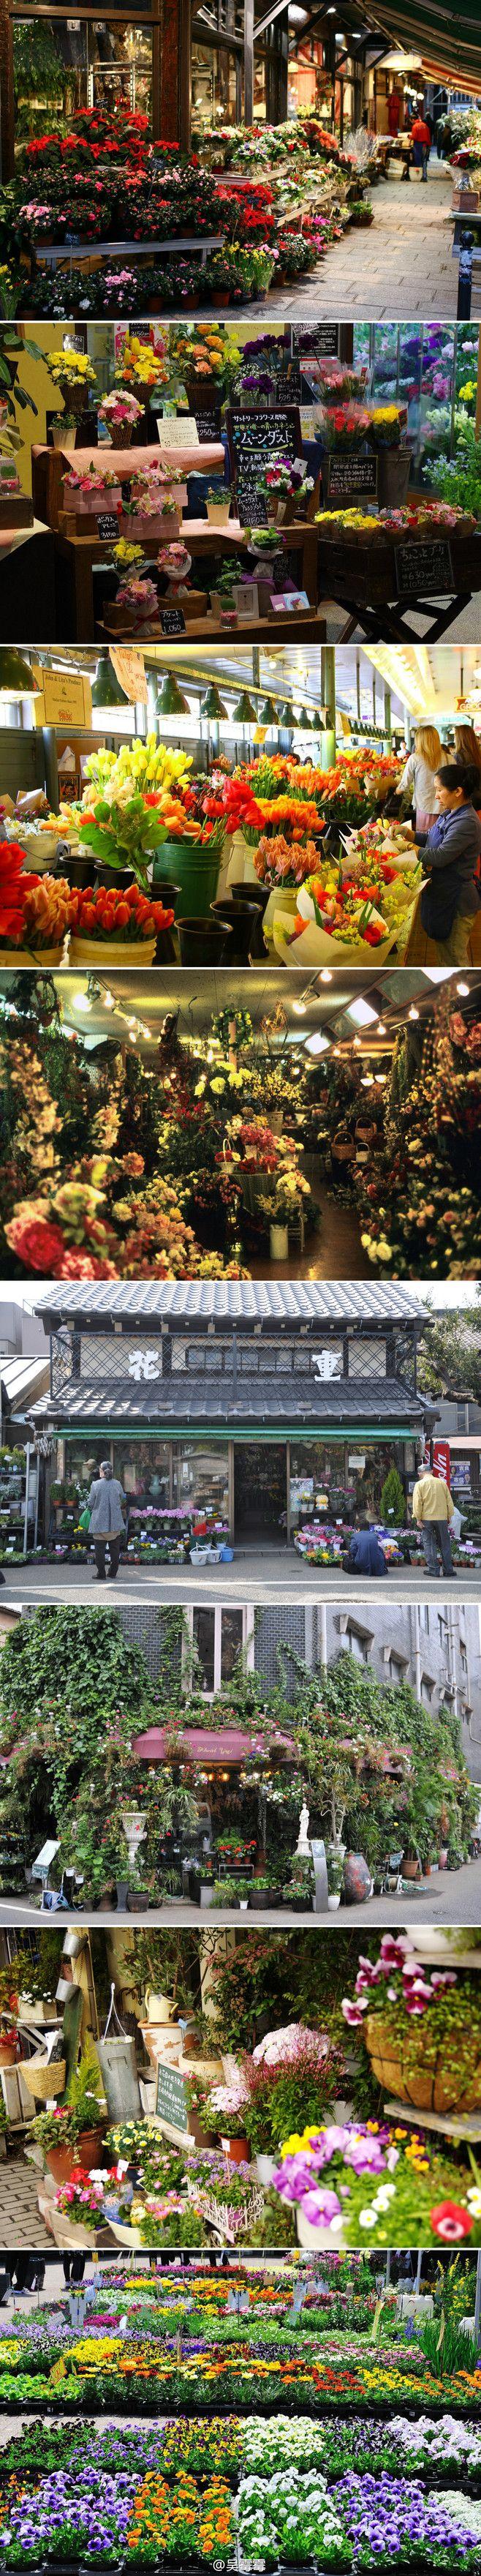 527e0c7597c57330e39d0848ede111f7--store-fronts-flower-shops Frais De Magasin De Jardinage Schème